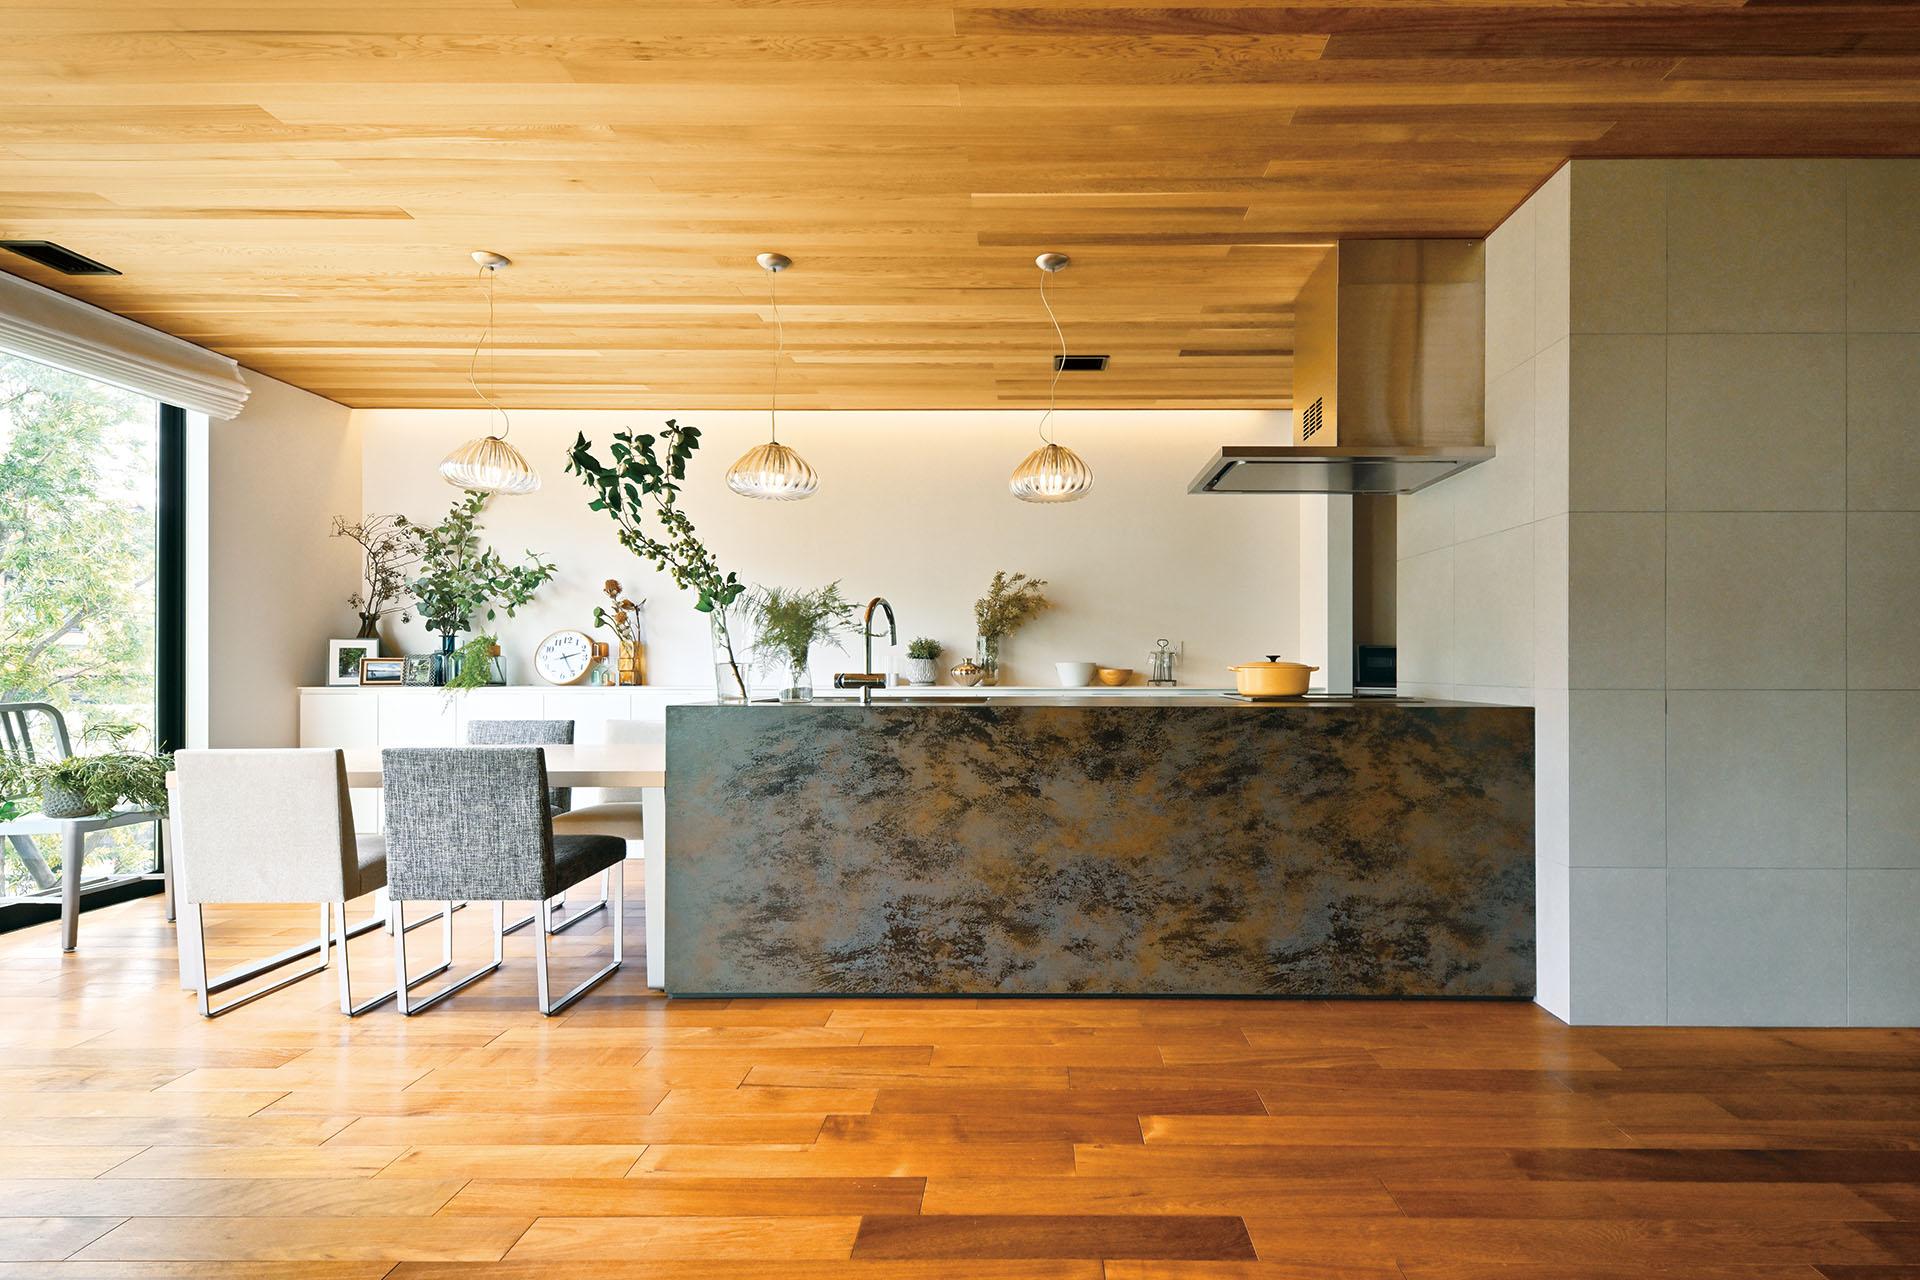 美しい佇まいのキッチン